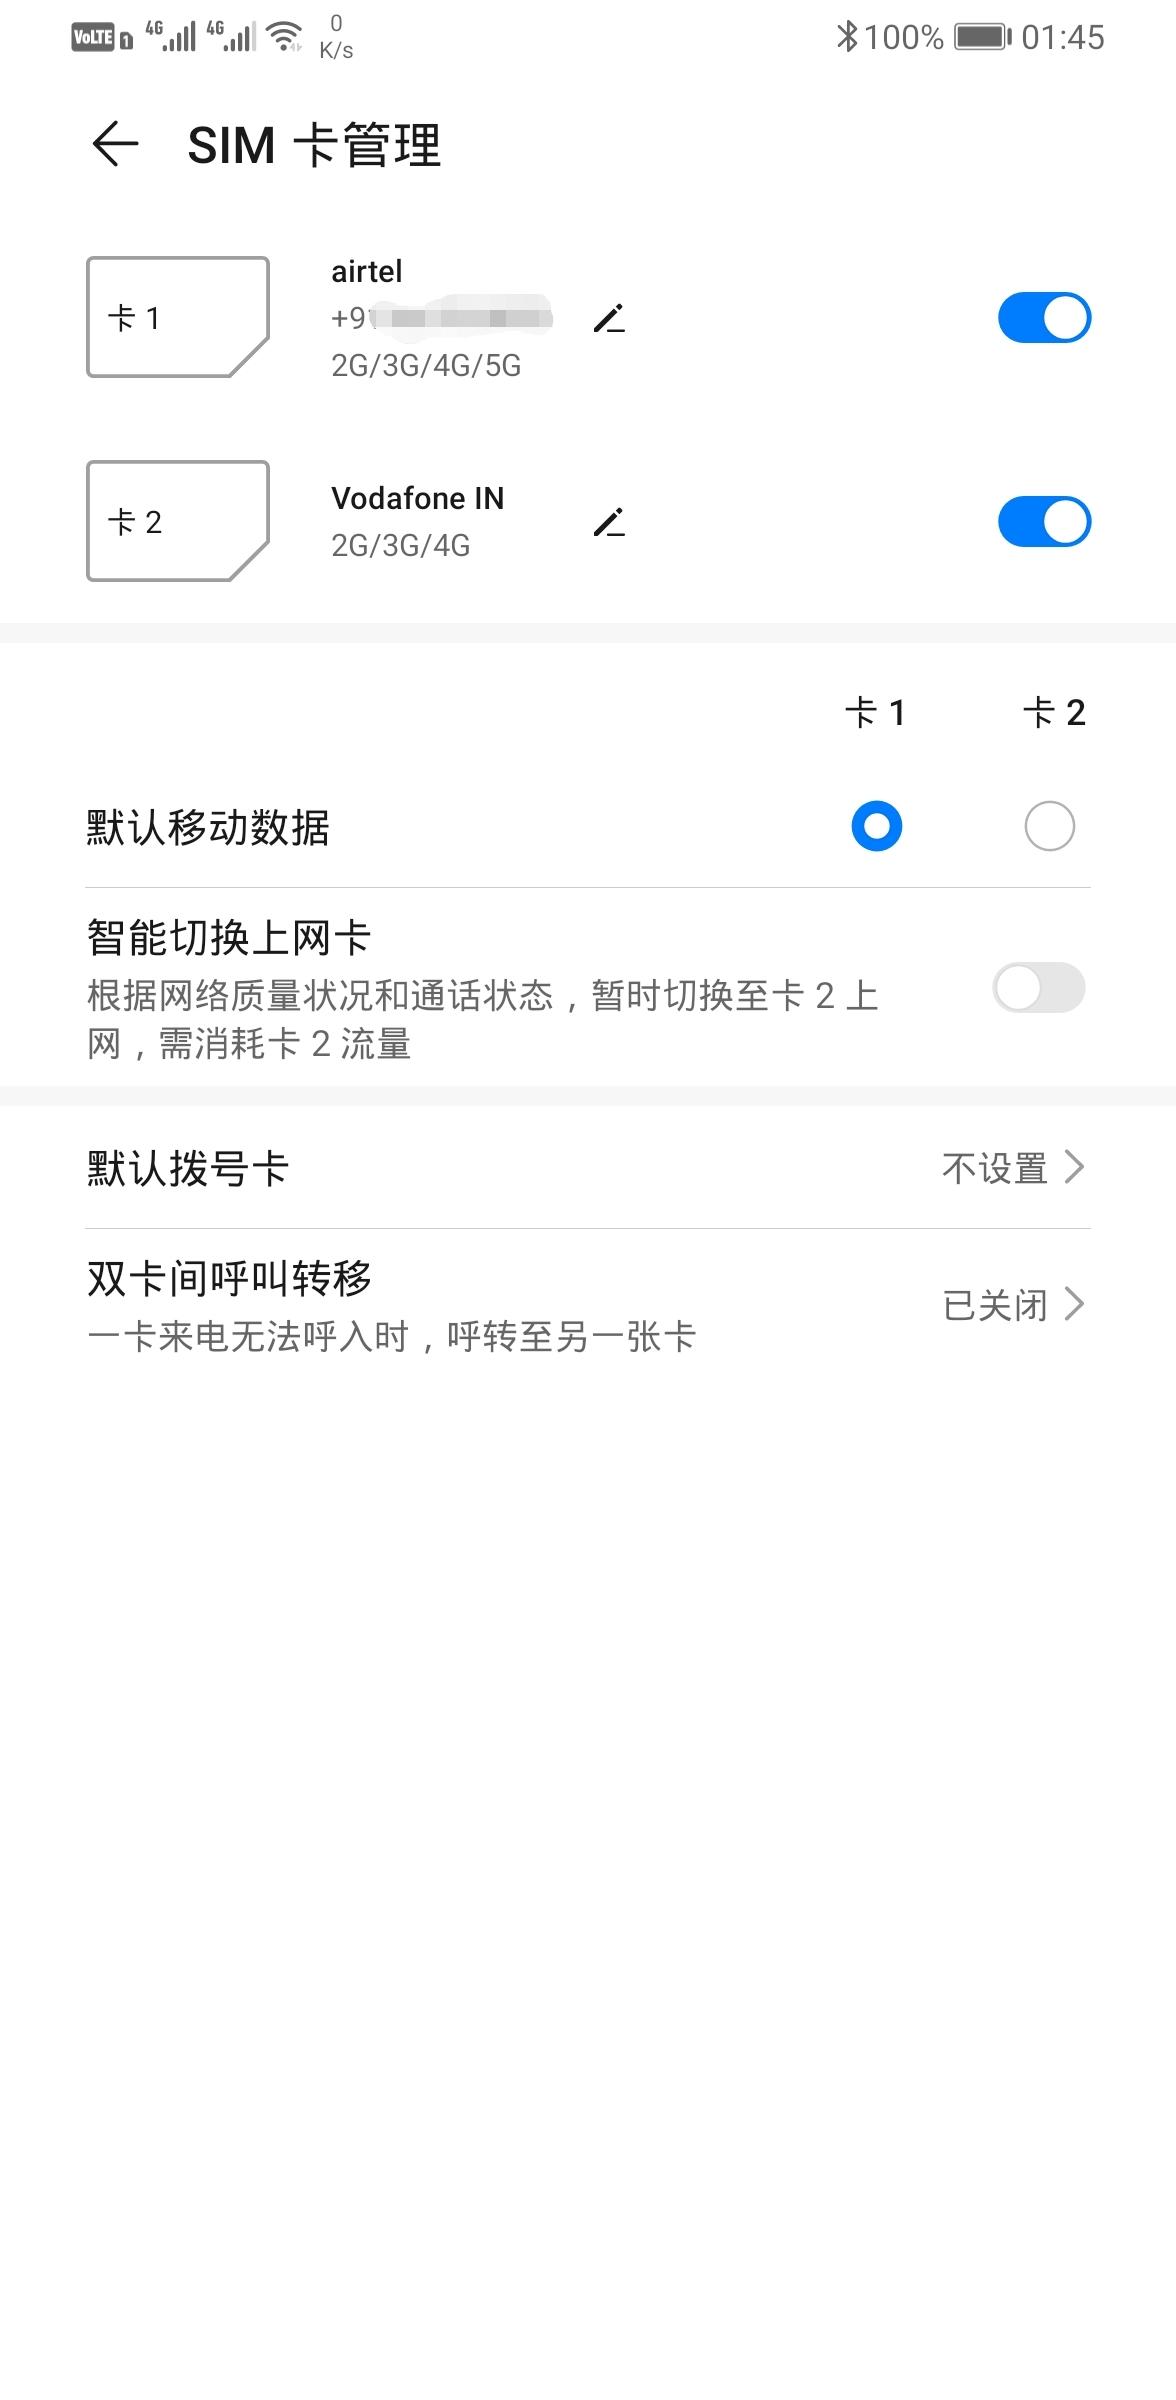 Screenshot_20200515_014539.jpg